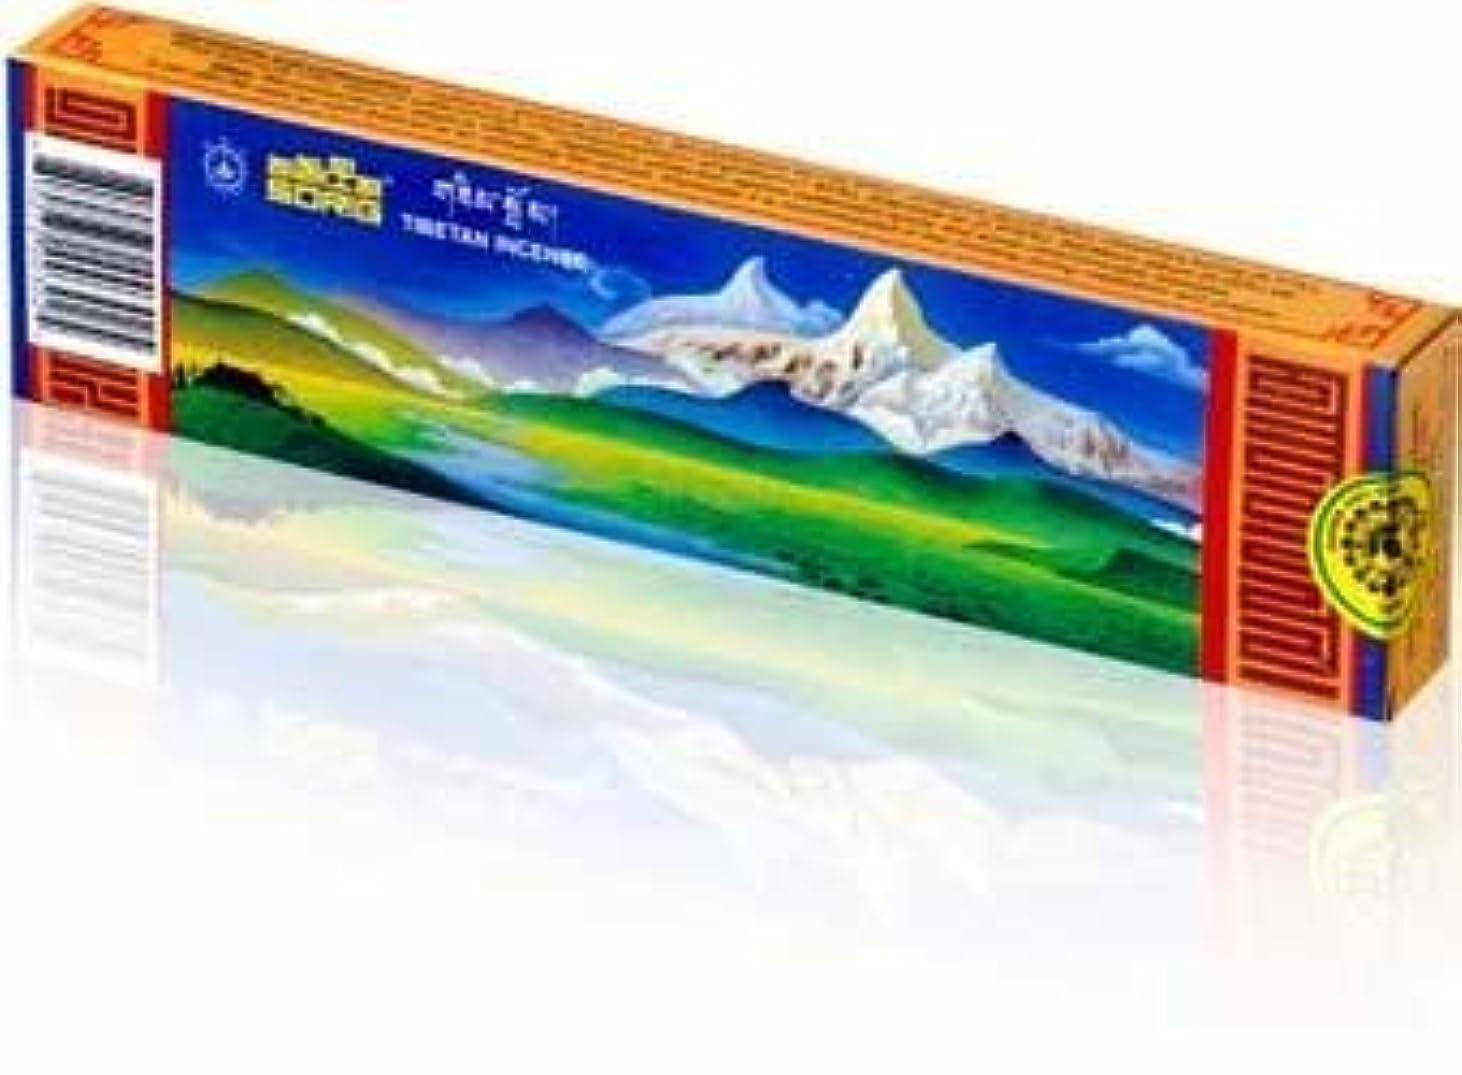 シプリー求める開いたSorig Natural Handmade Tibetan Incense Sticks by Men-Tsee-Khang- 20/40/60 Count (40) by Men-Tsee-Khang [並行輸入品]